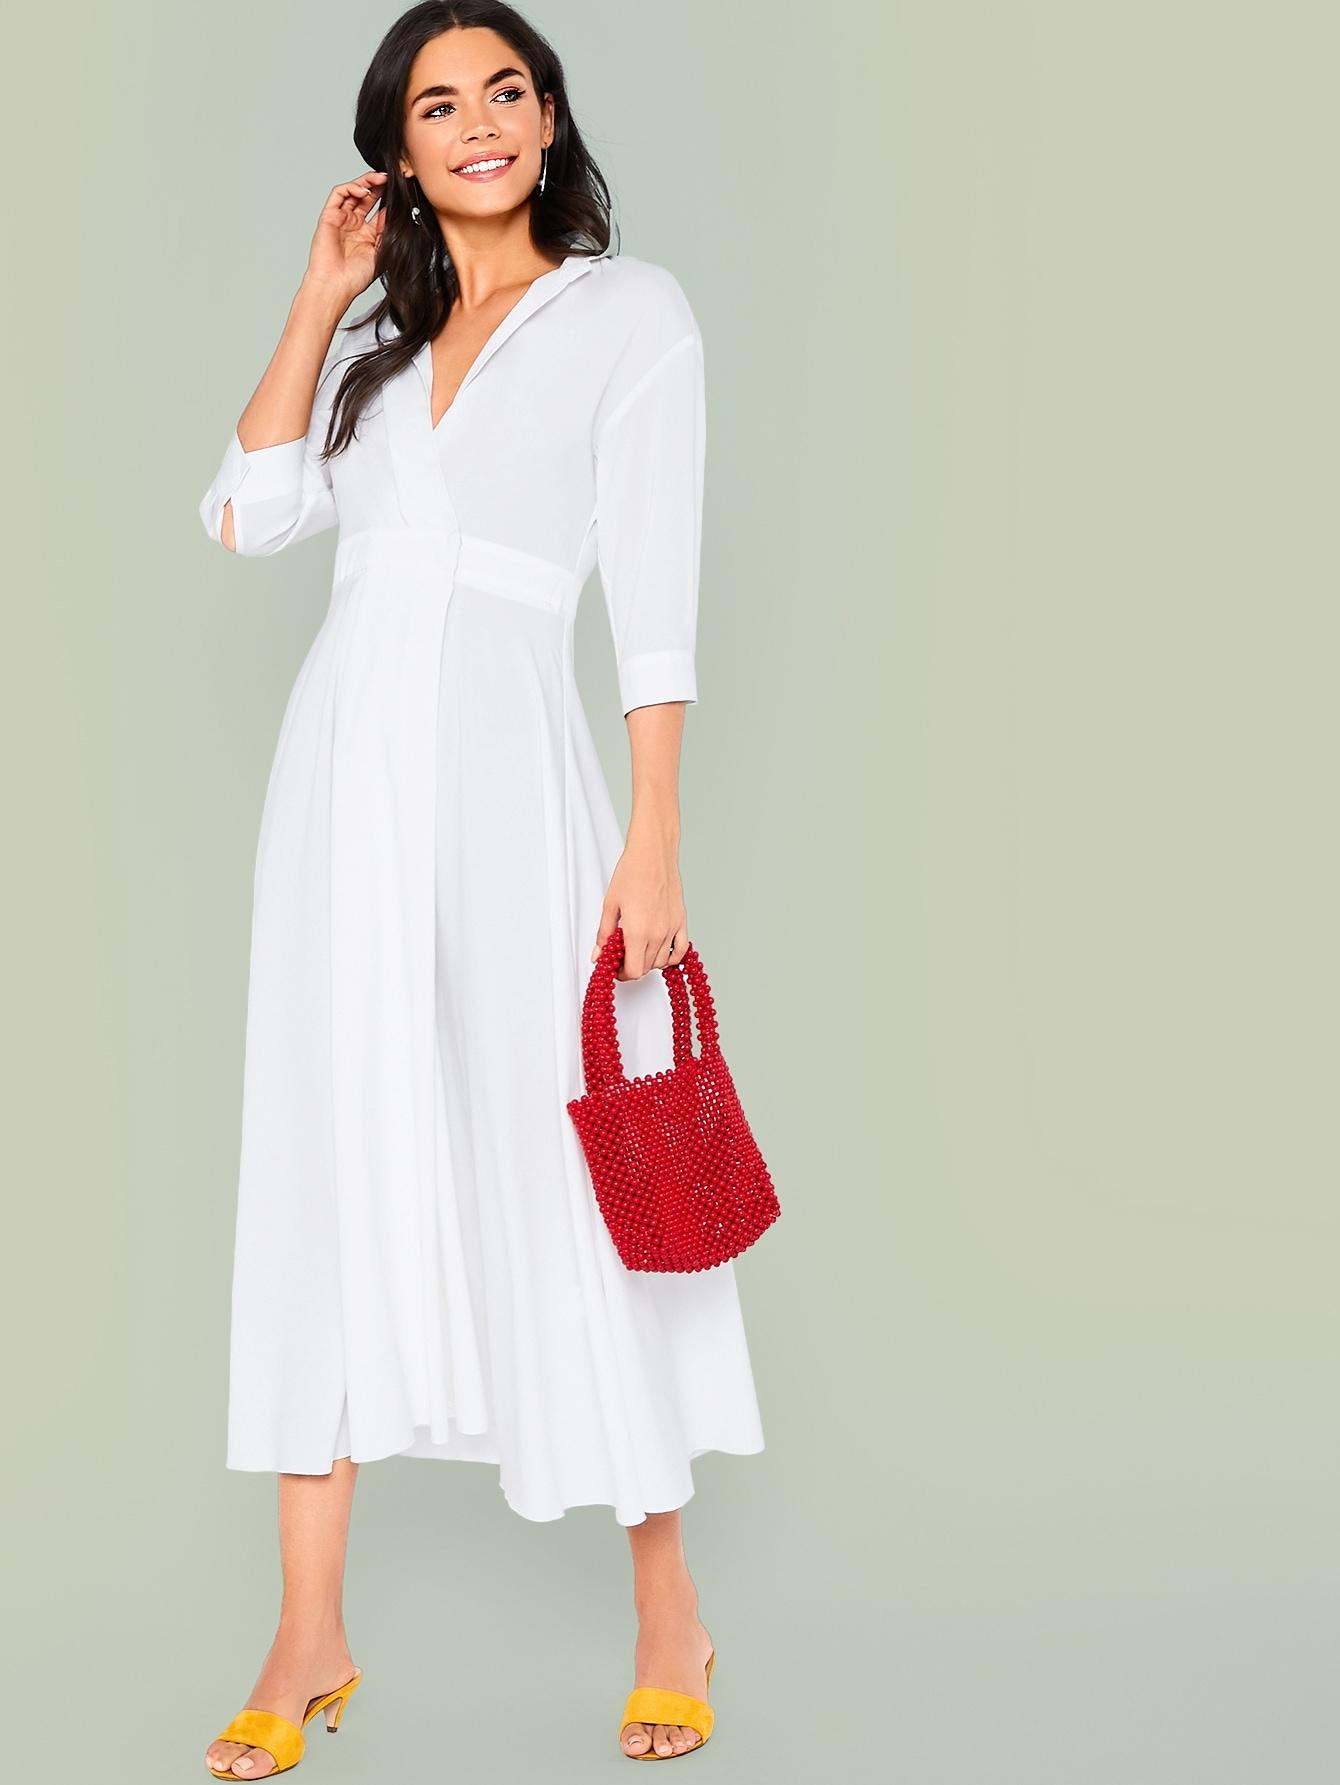 Фото - Приталенное расклешенное платье на запах с разрезом на шее от SheIn цвет белые